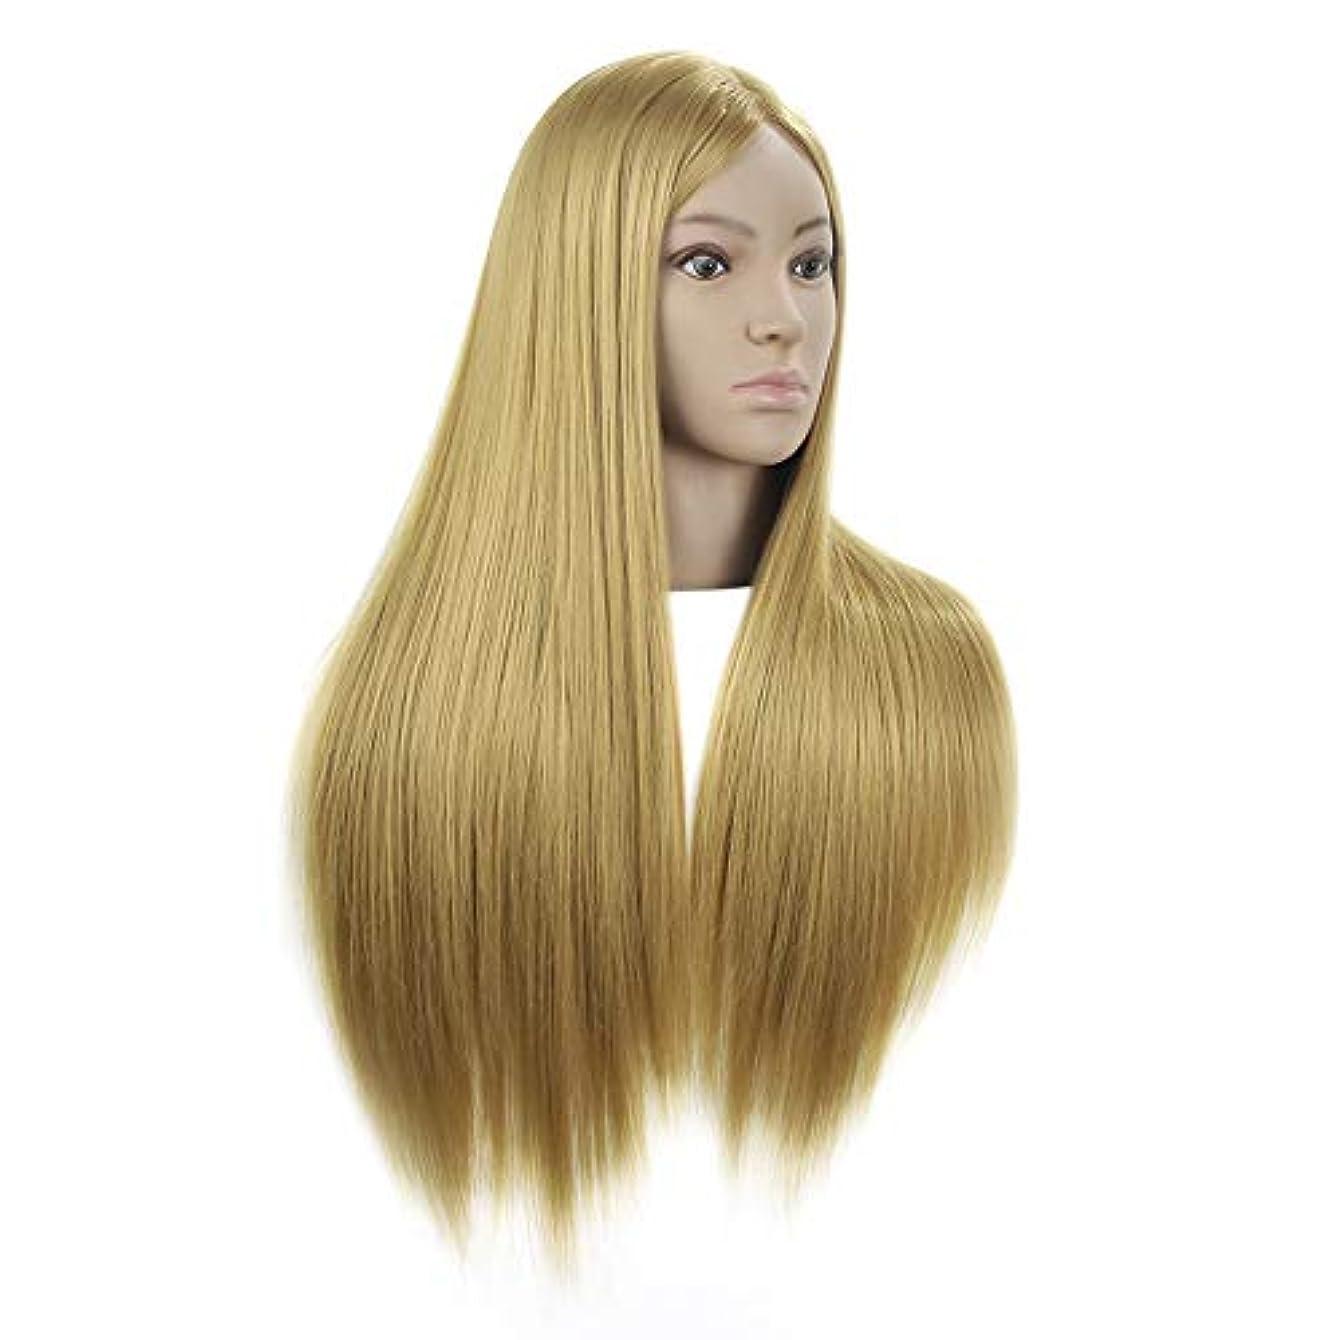 思慮のない不適アナニバー女性ウィッグサロンヘア編み美容指導ヘッドスタイリングヘアカットダミーヘッドメイク学習マネキンヘッド